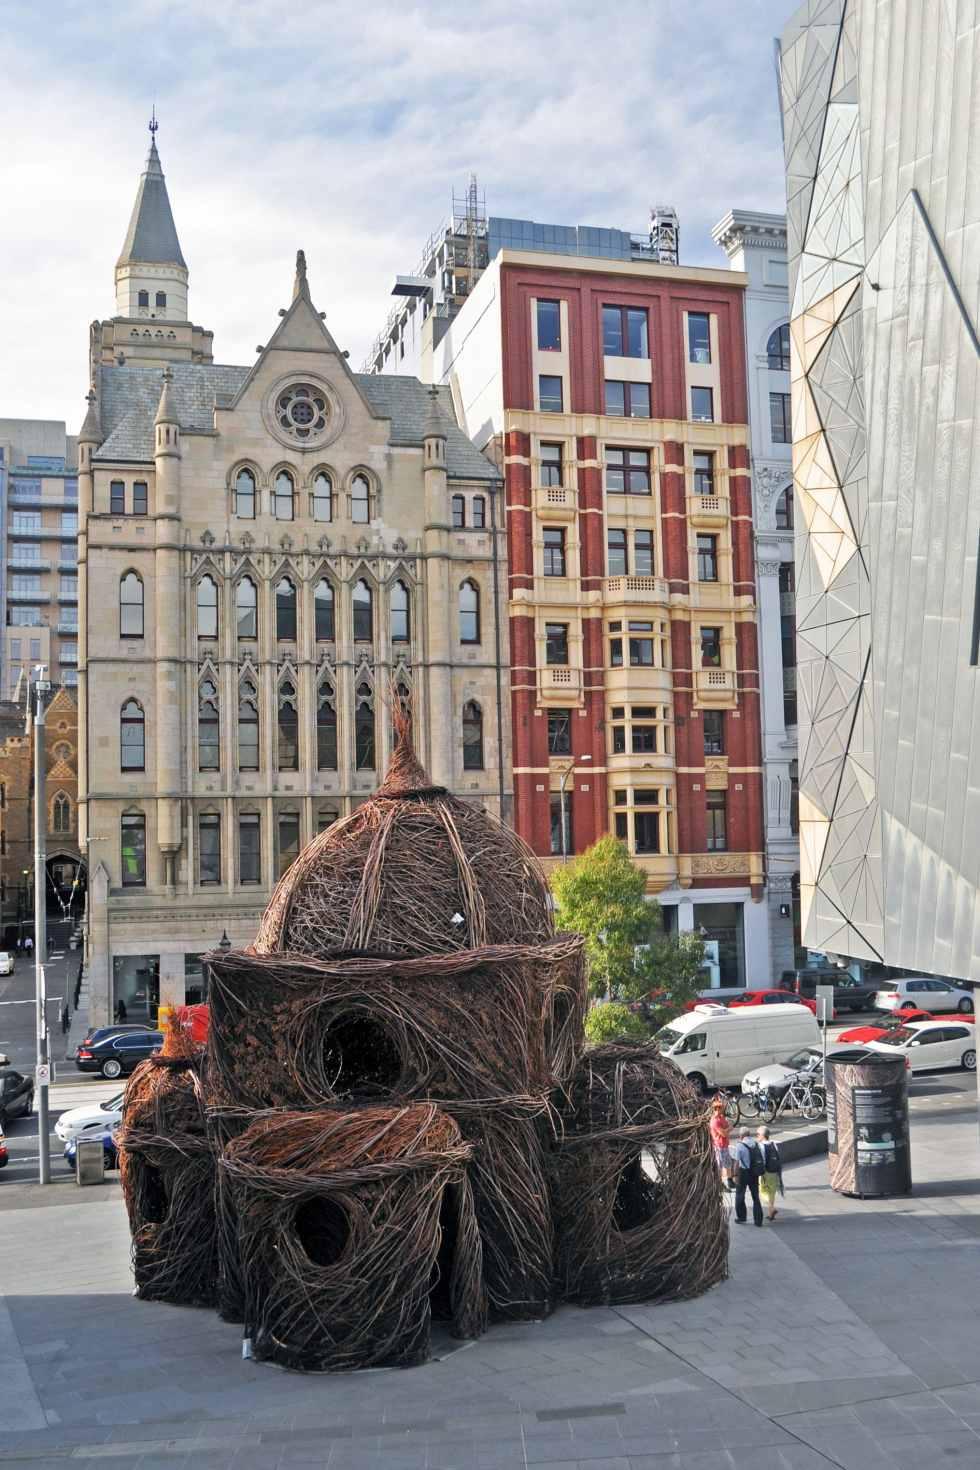 Melbourne-meilleurs backapckers-maison paille-kowala